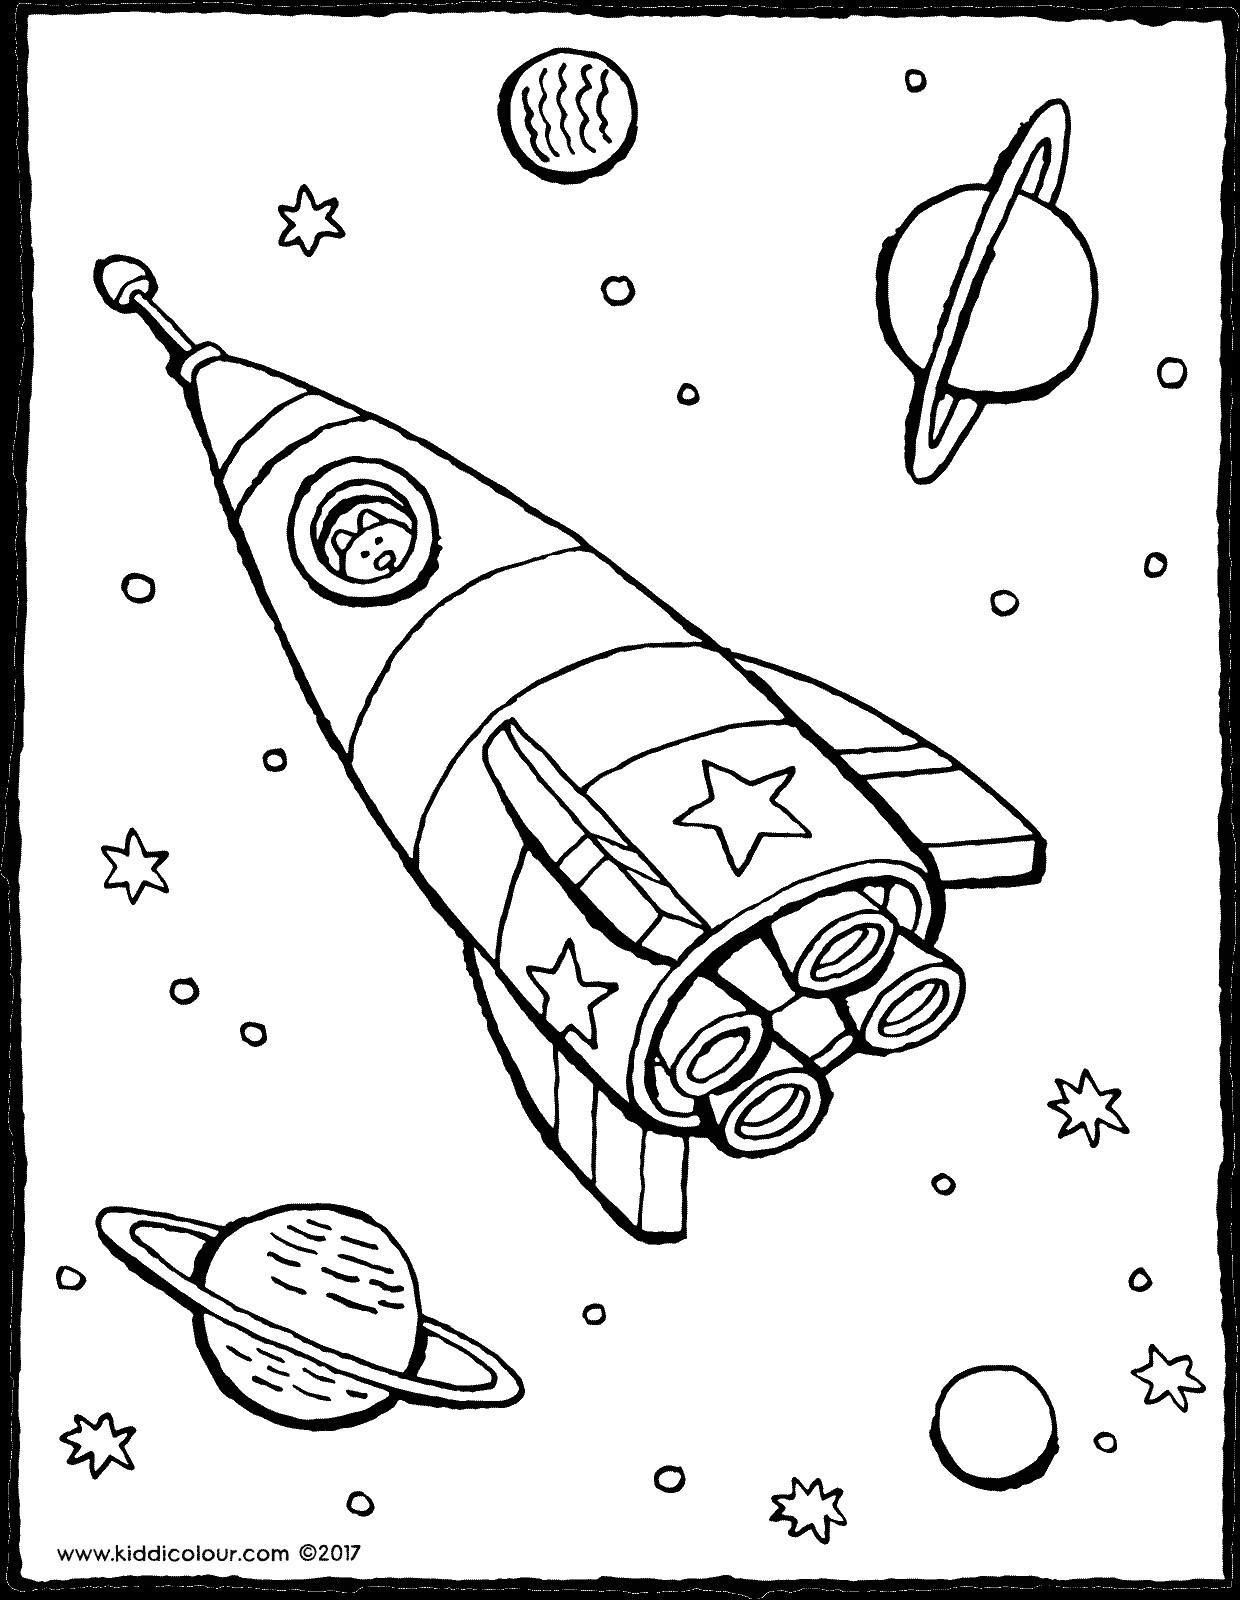 Ausmalbilder Weltraum  Rakete im Weltraum kiddimalseite